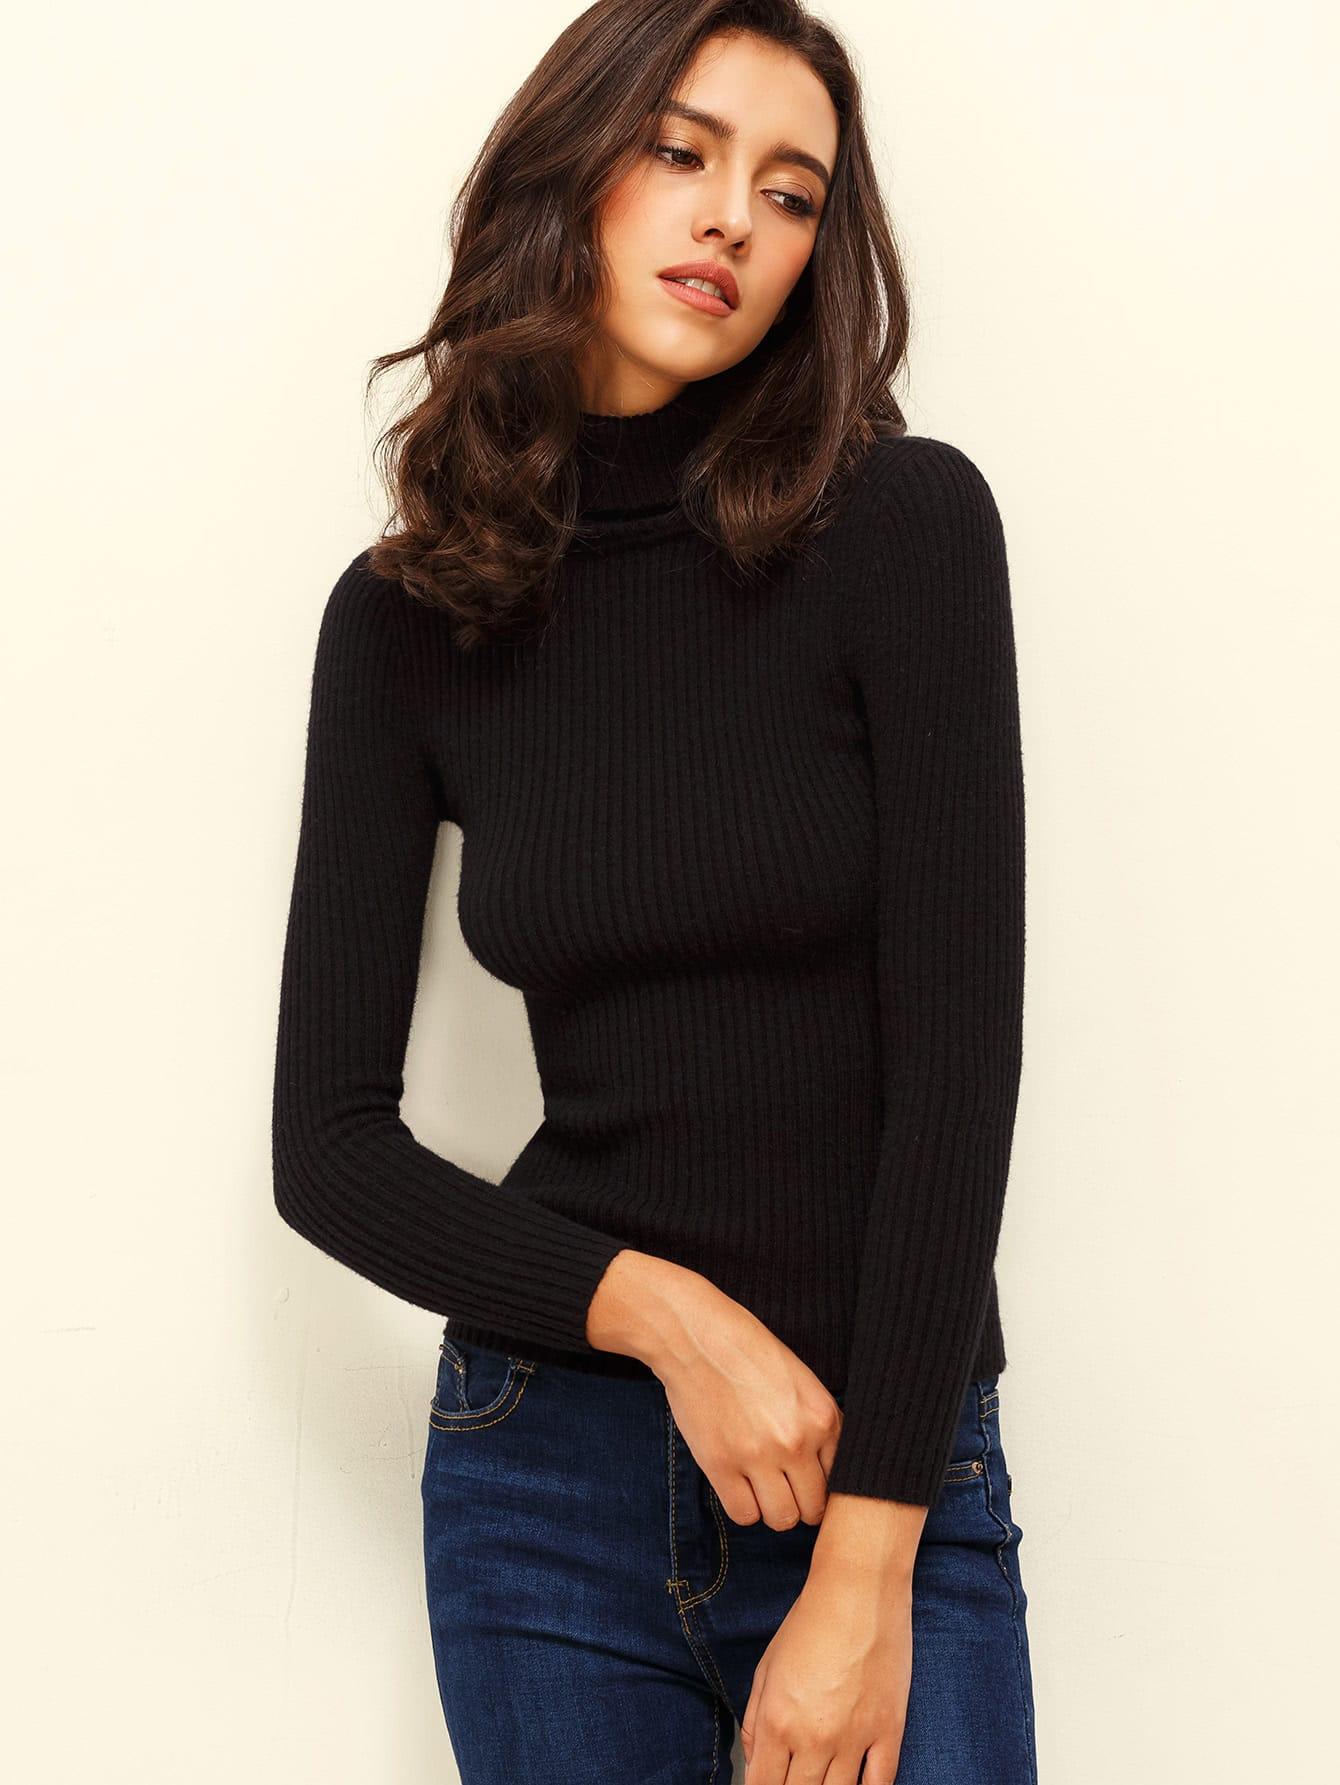 Чёрный модный свитер. воротник-хомут